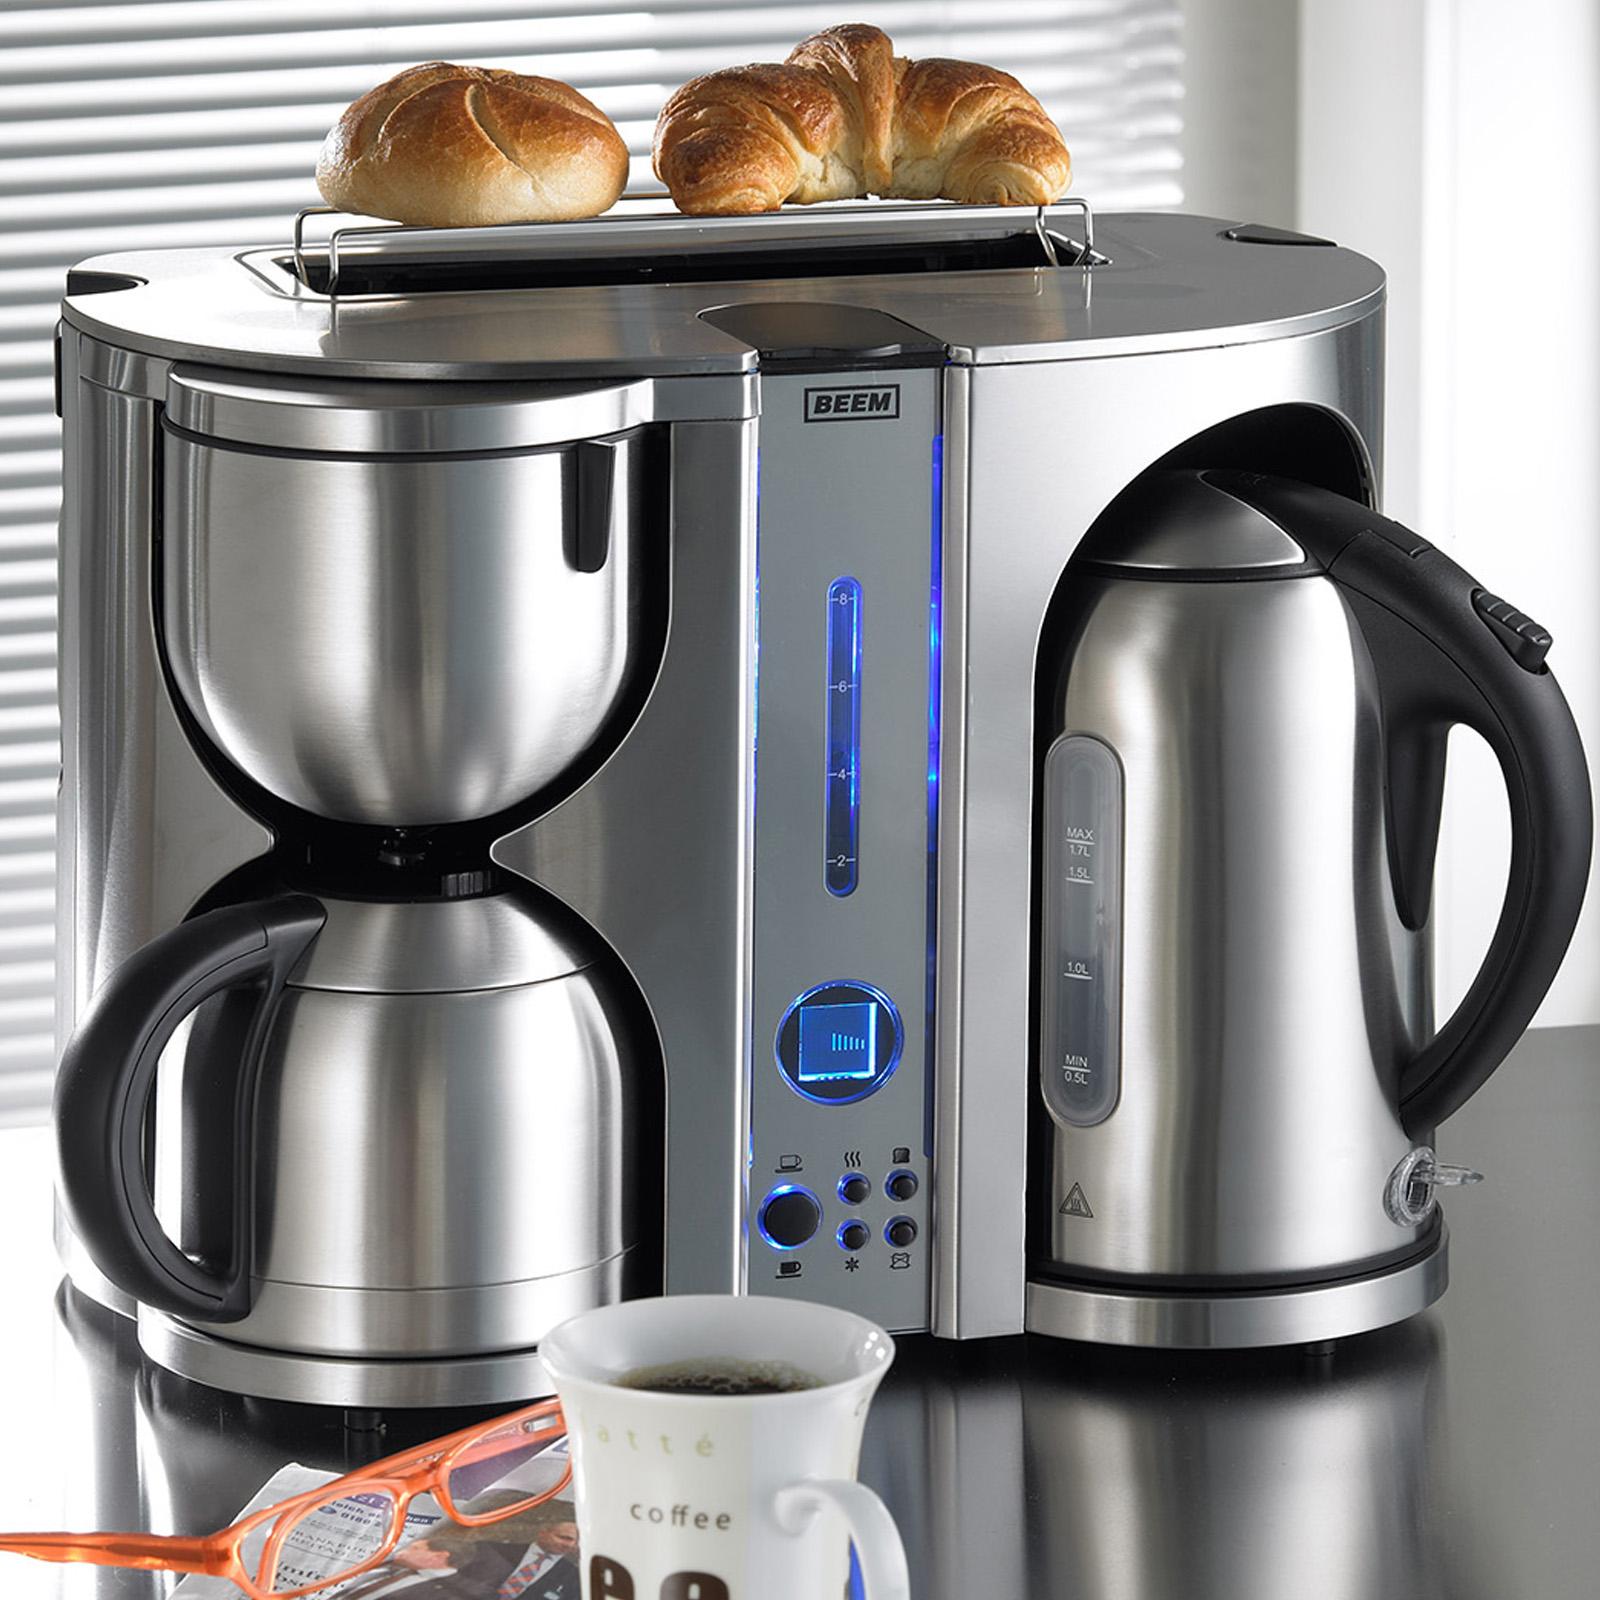 hier finden sie alles rund um ihren haushalt von der kaffeemaschine b. Black Bedroom Furniture Sets. Home Design Ideas